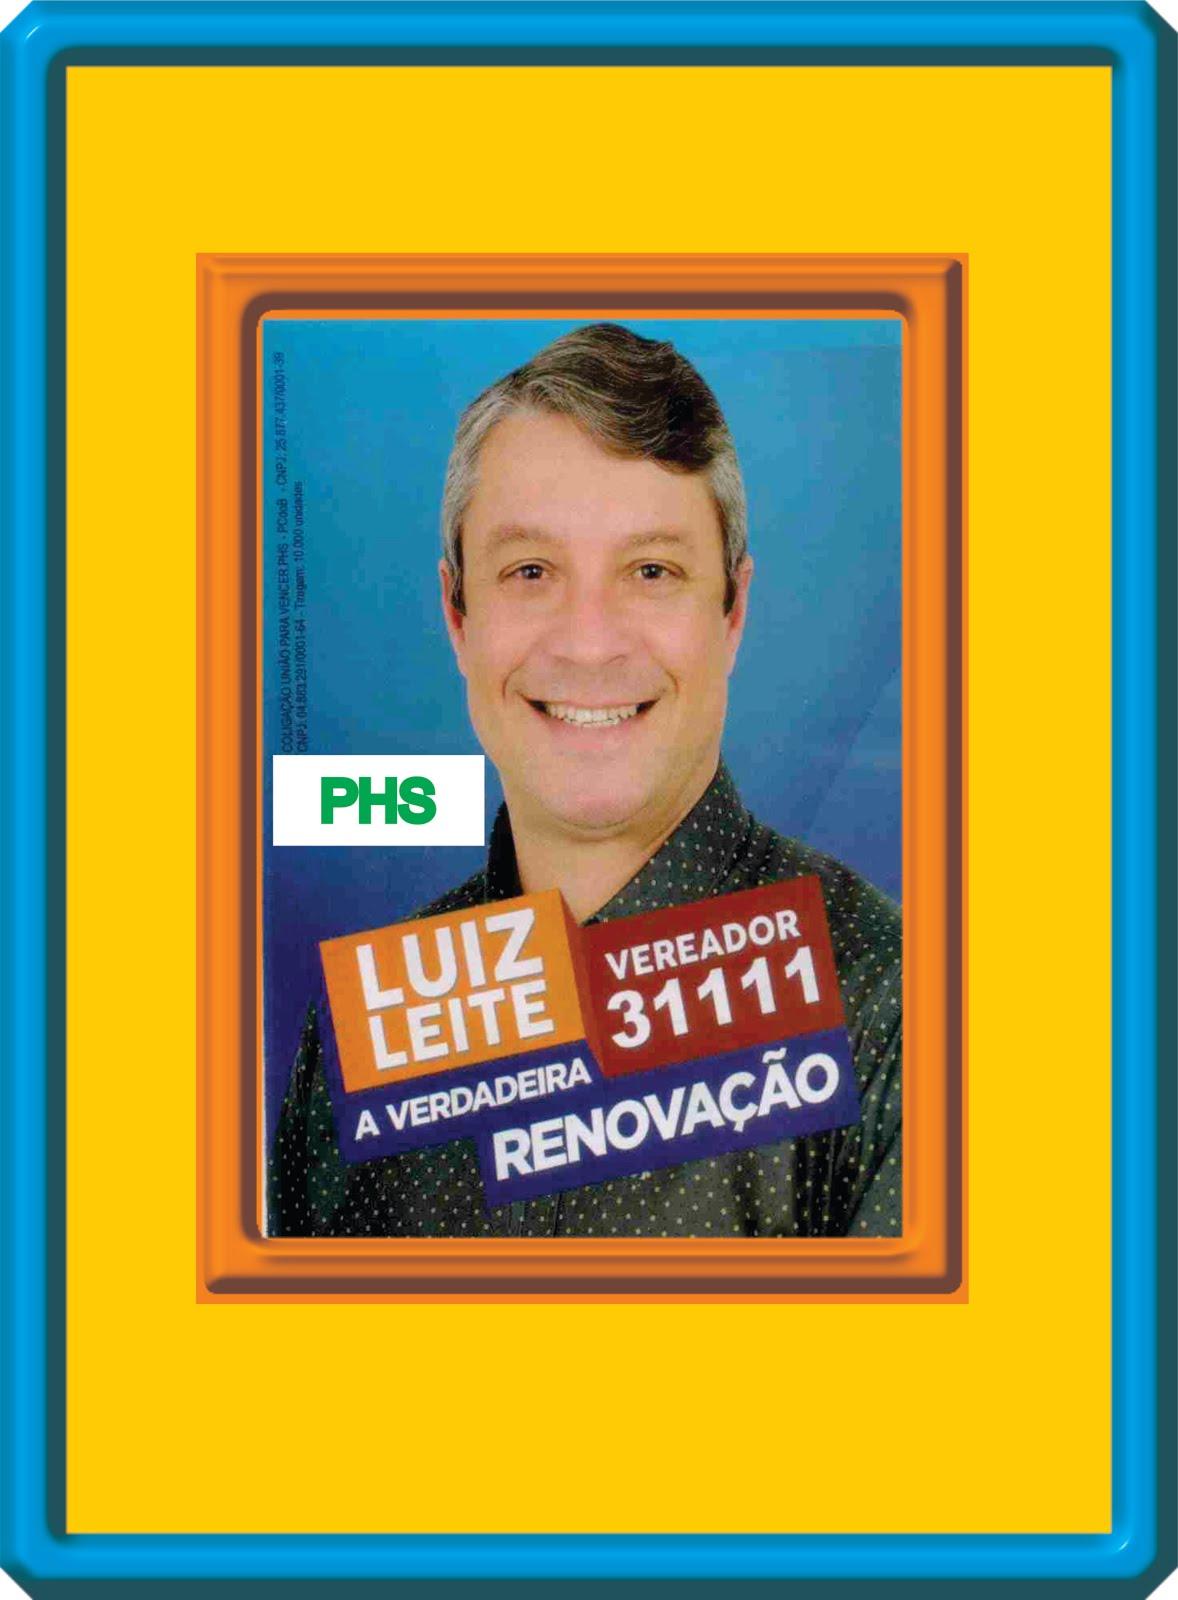 31.111 - FILHO DE PEDRO LEITE